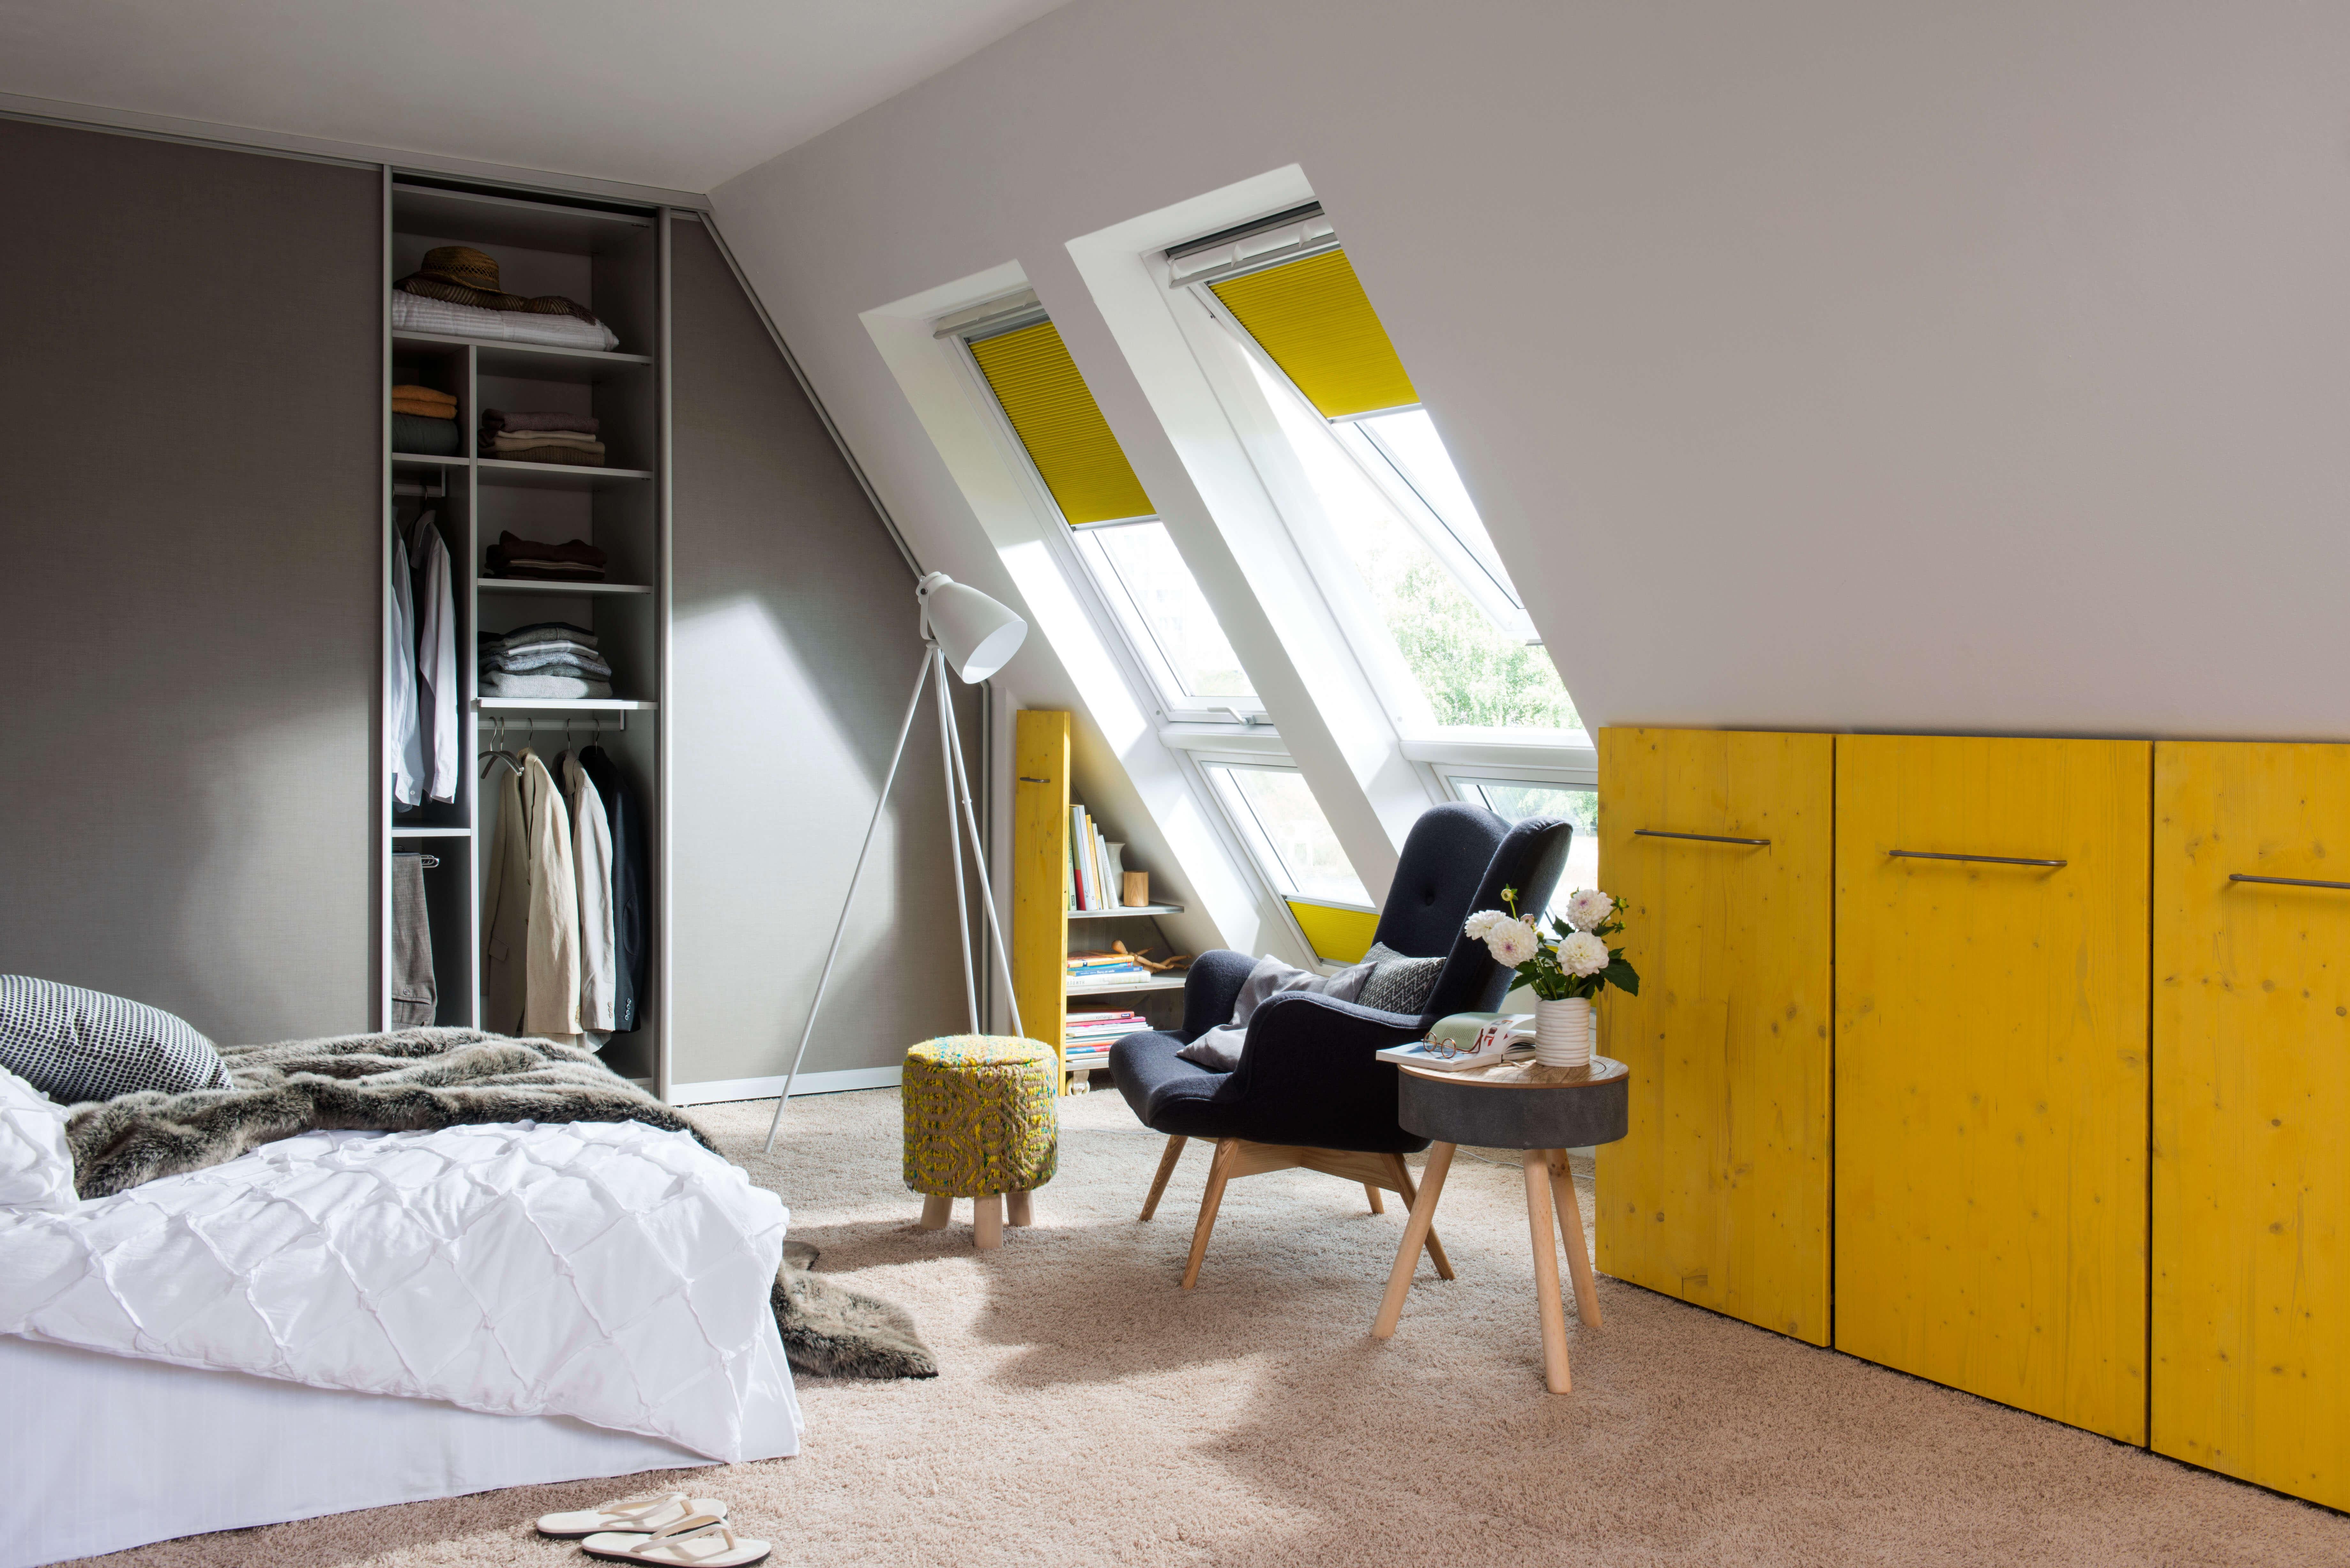 Gelbe Wabenplissees für Dachfenster im Schlafzimmer